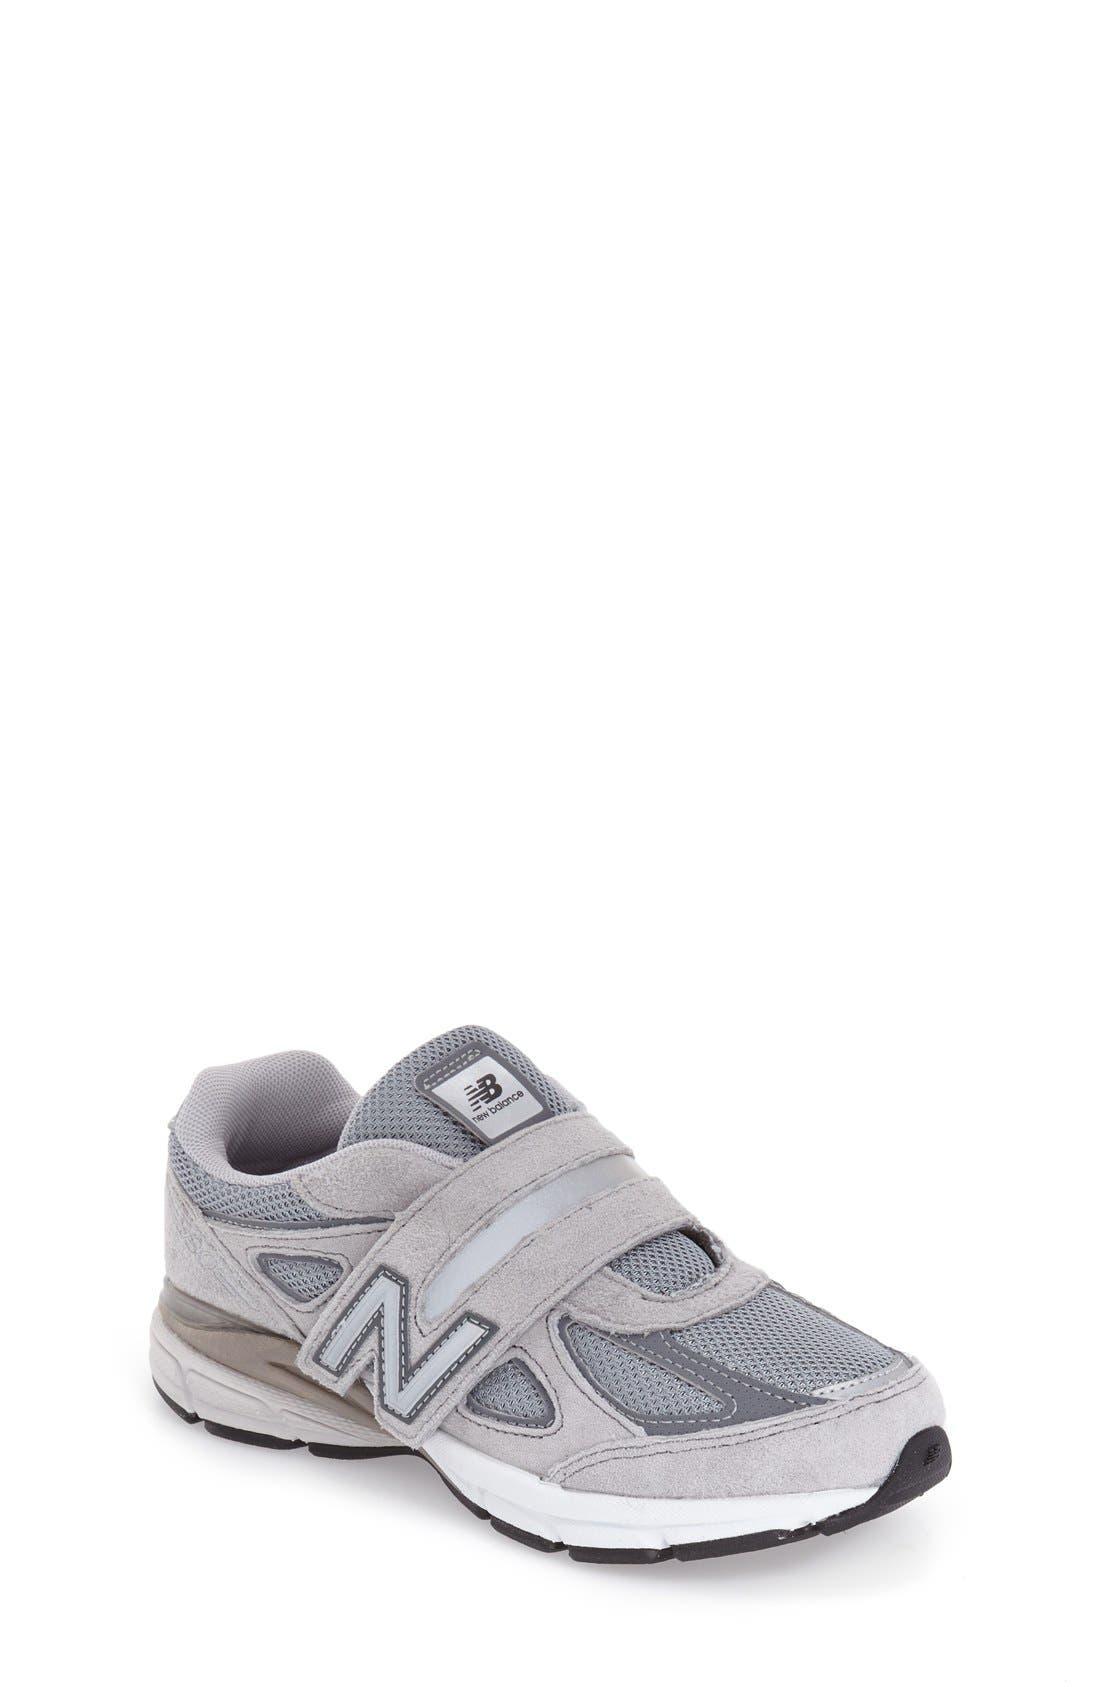 '990v4' Sneaker,                         Main,                         color, Grey